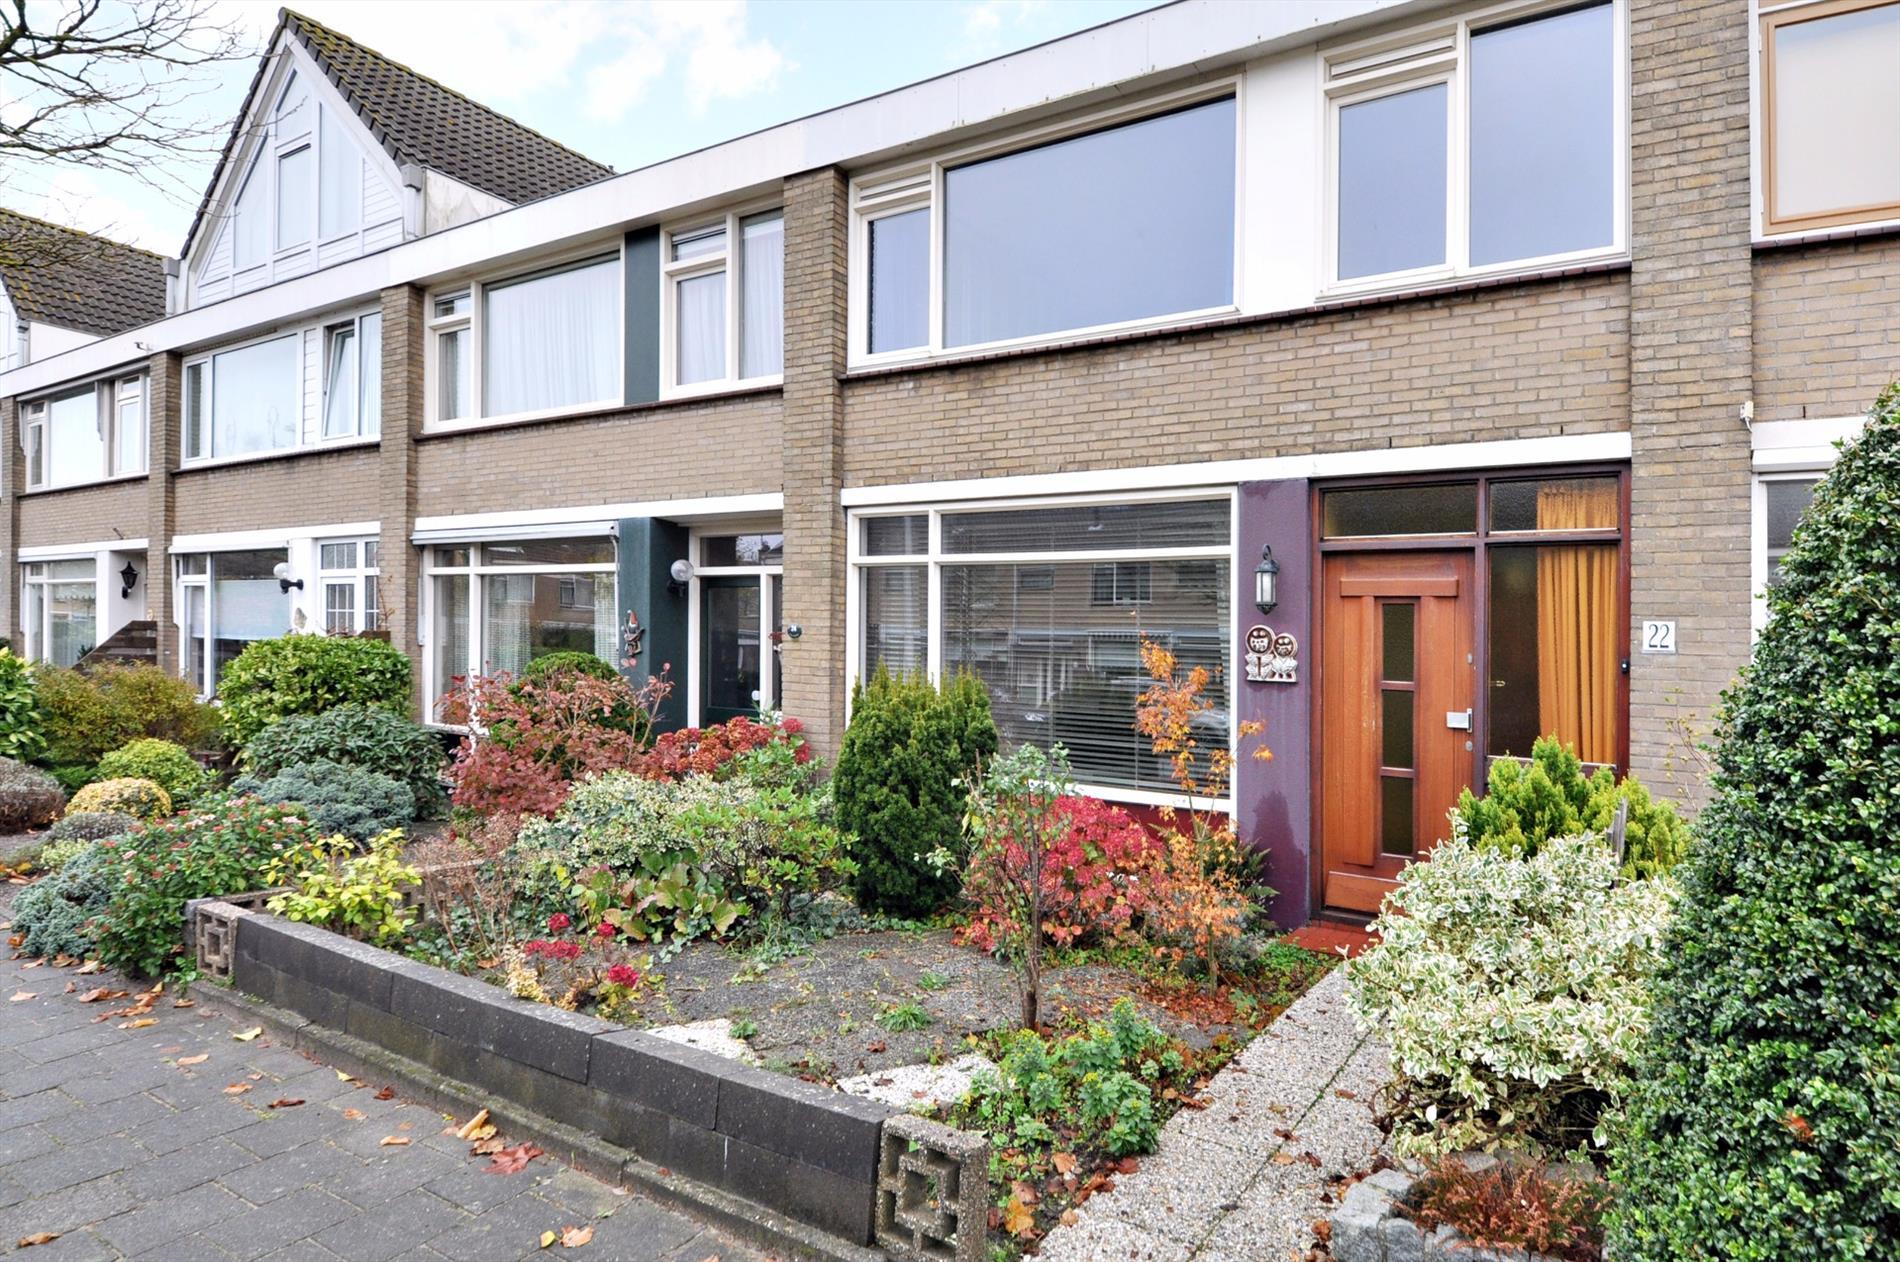 's-Heerenbergstraat 22 in Wassenaar